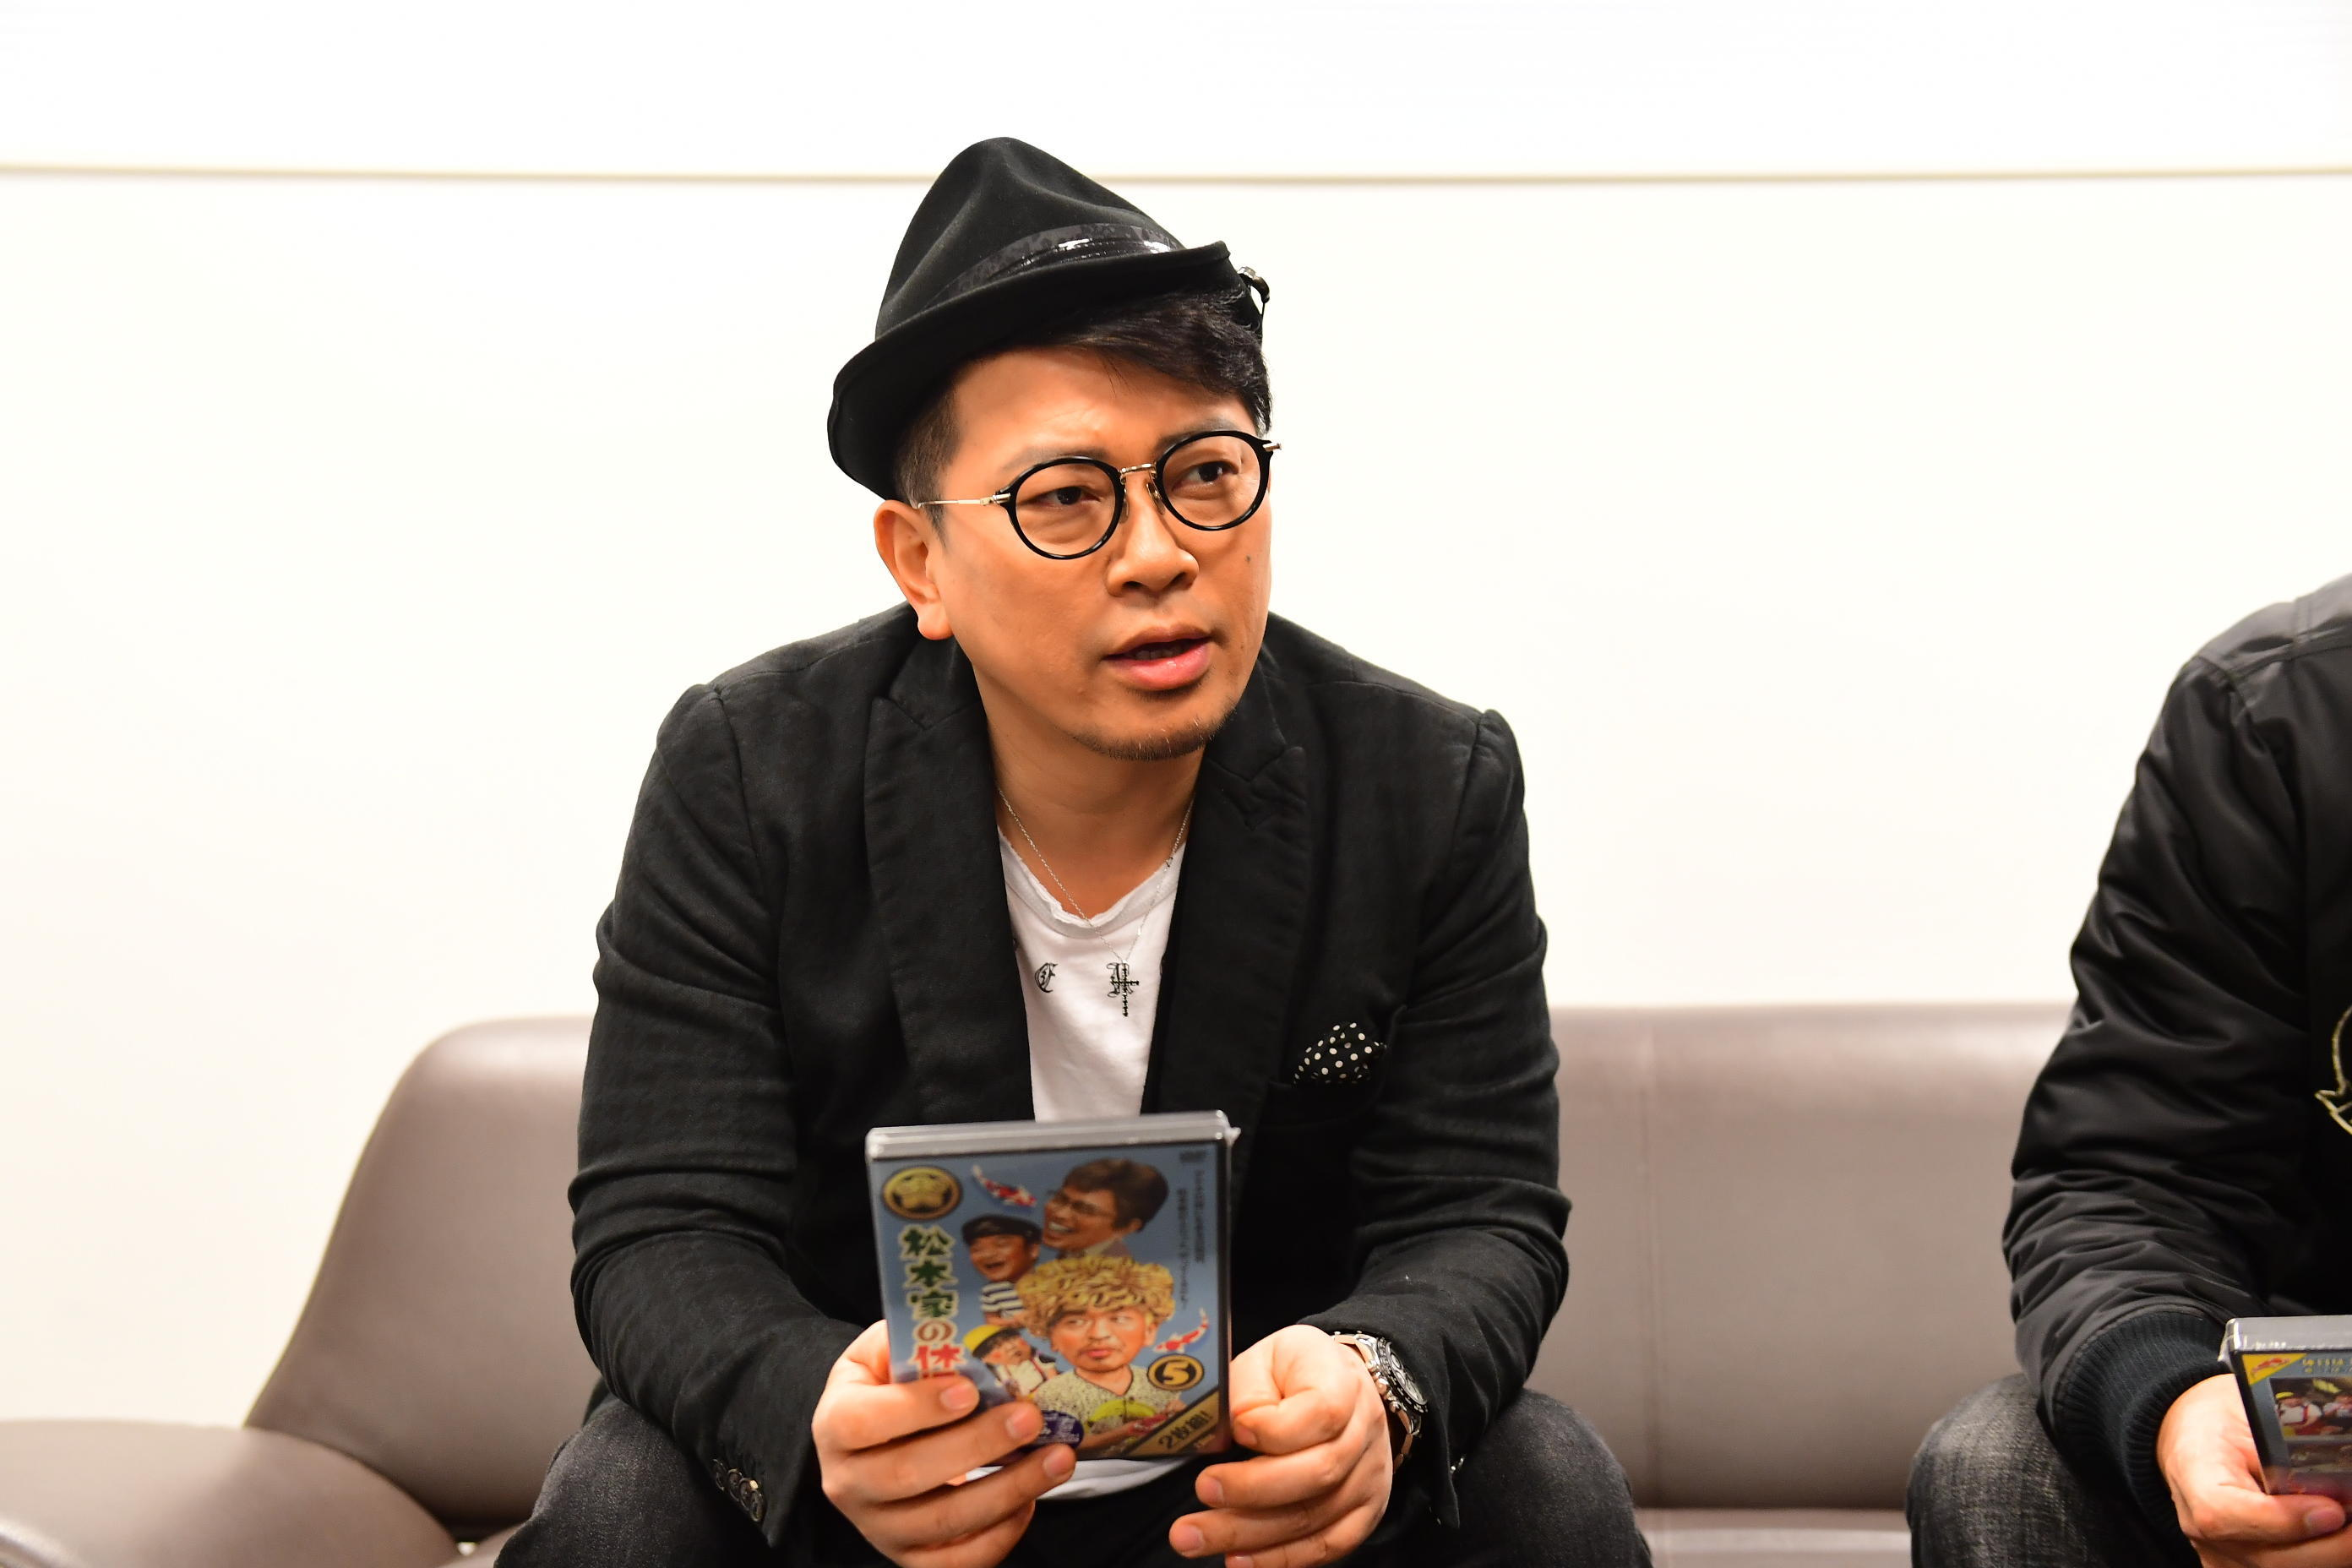 http://news.yoshimoto.co.jp/20170414171105-b2278ed5c4879b6c7c4b2f6853d8173cf06902eb.jpg